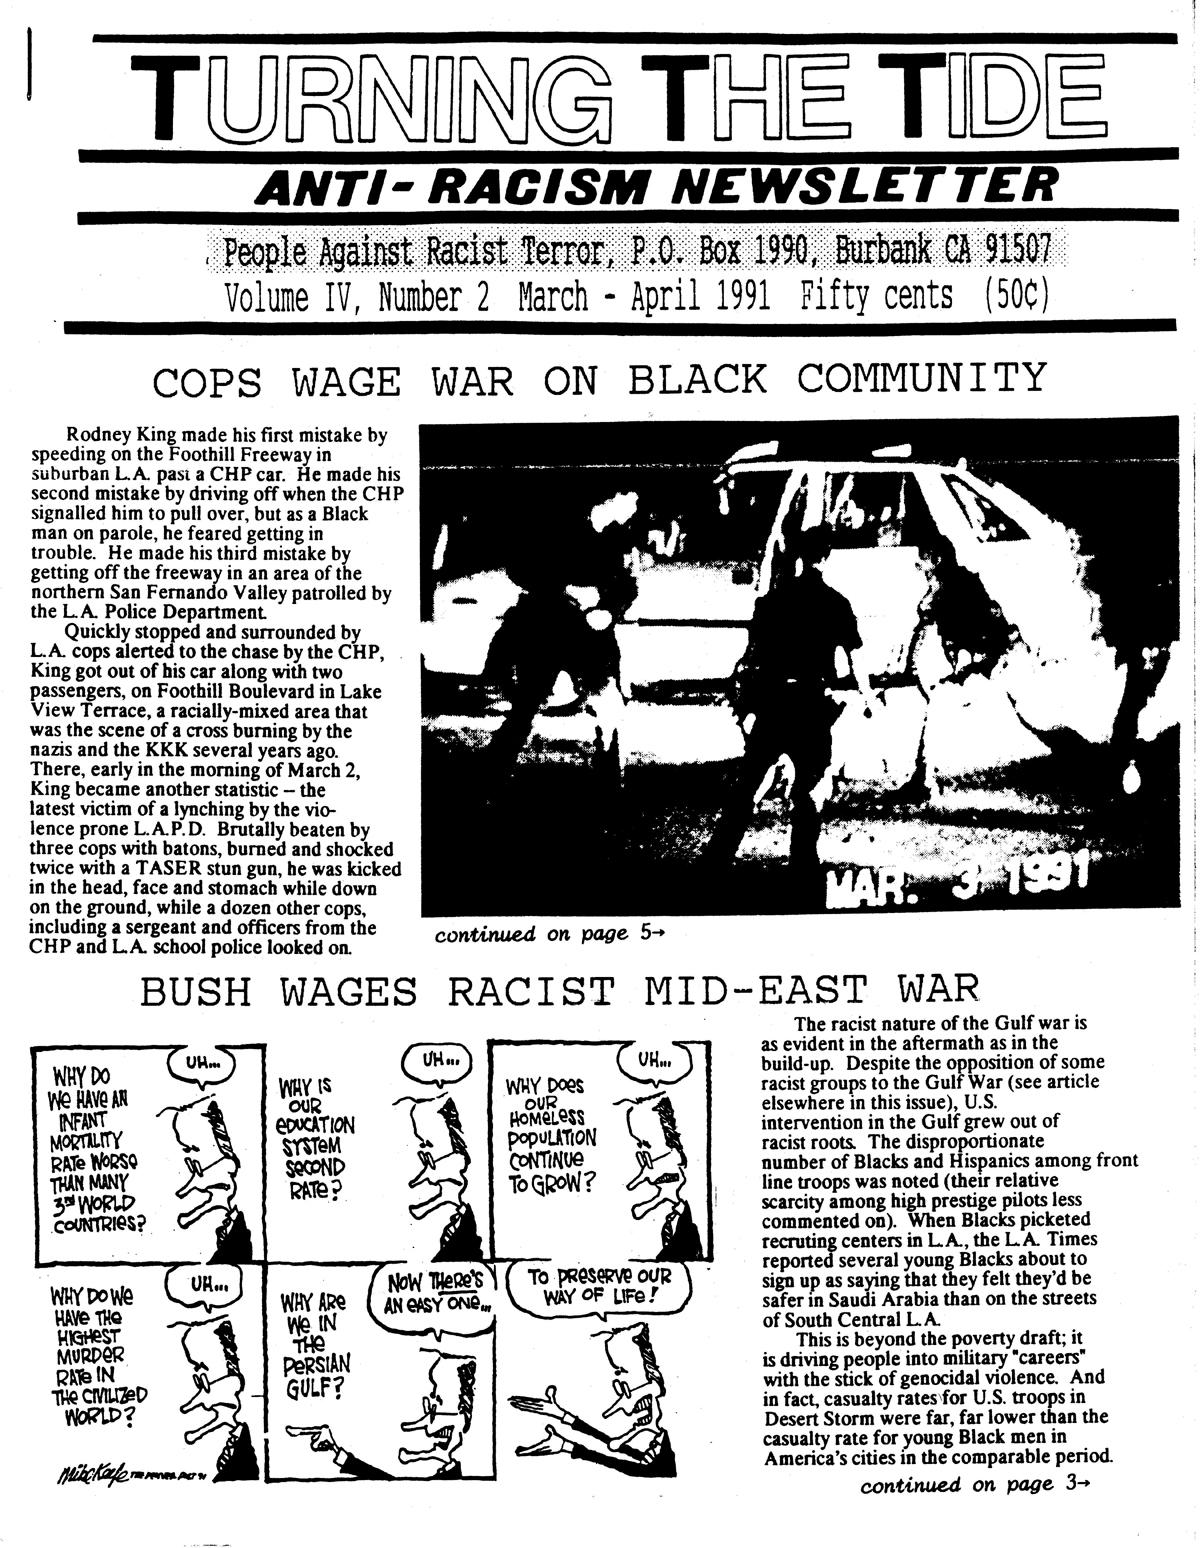 TTT Vol. 4, #2 March-April 1991